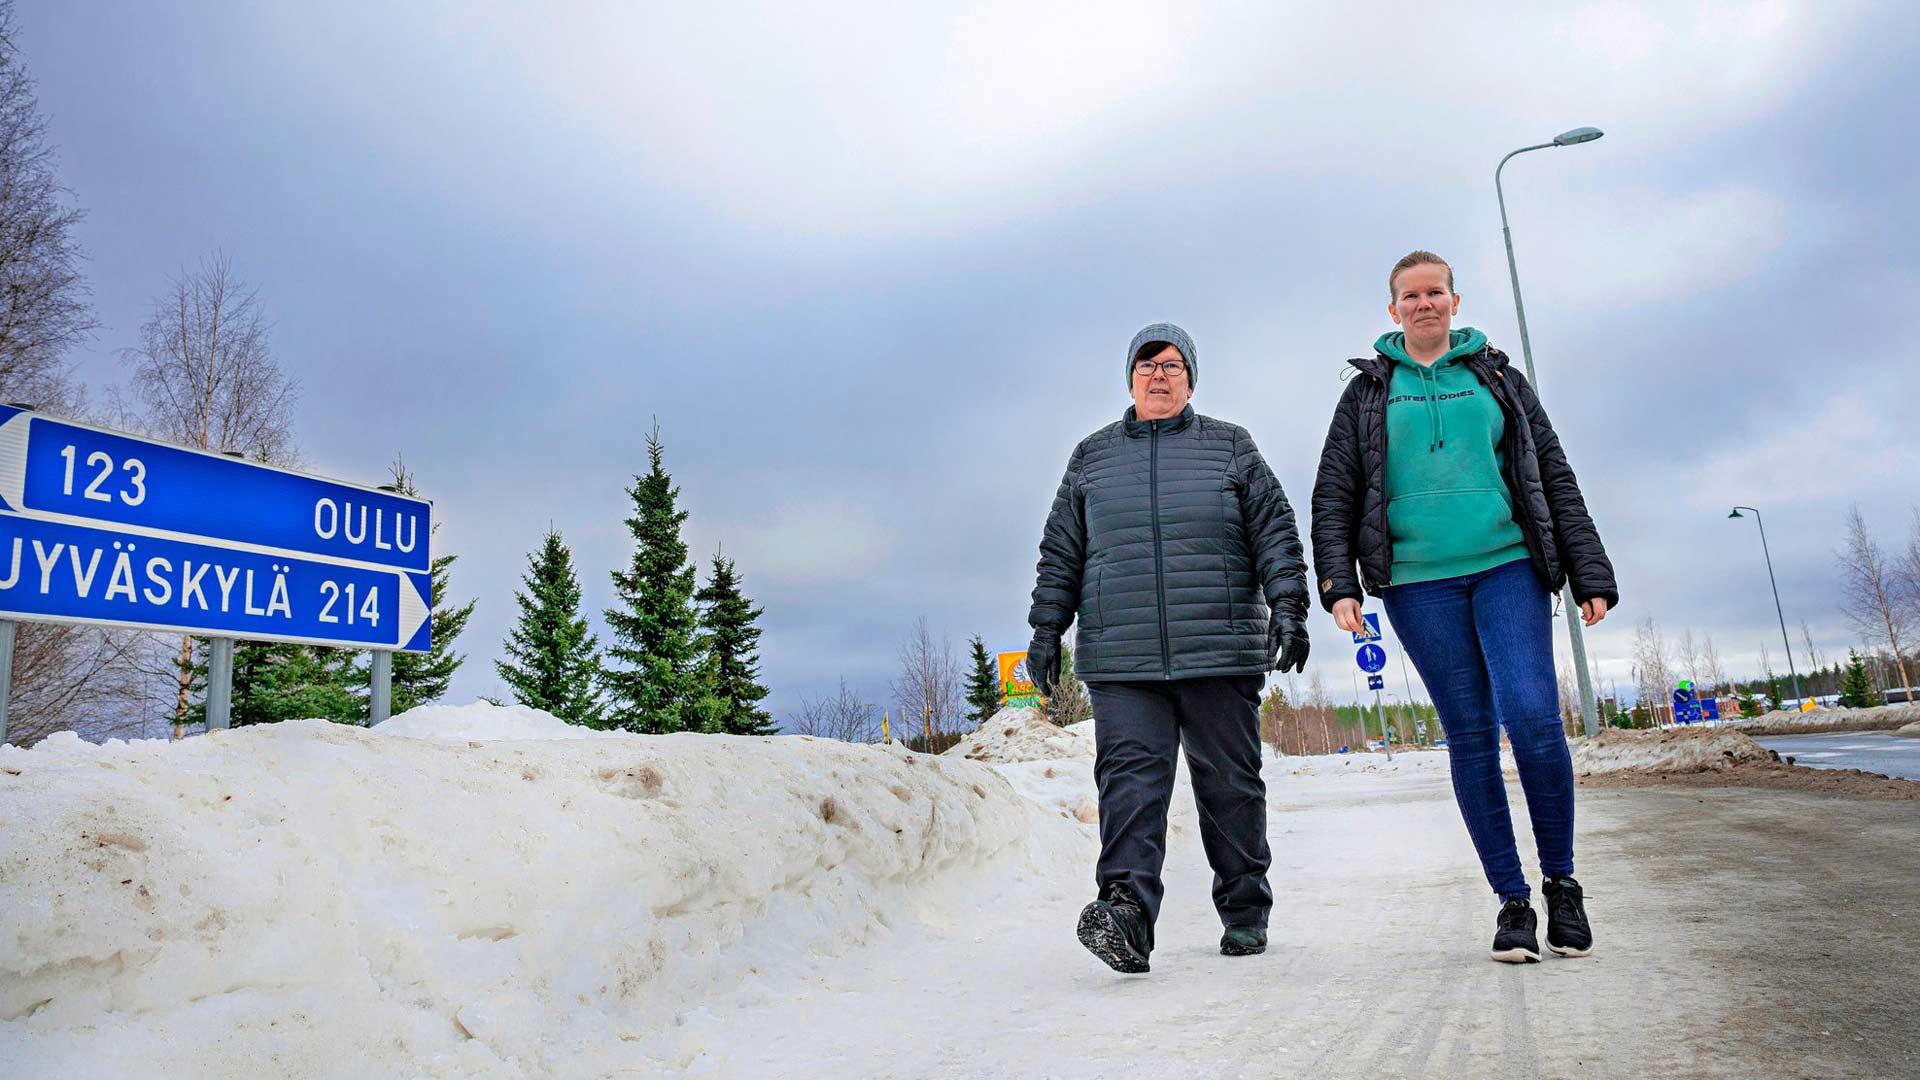 Eija Kaketti ja hänen tyttärensä Elsi Istukaissaari työskentelevät hoitoalalla, mutta eivät ole joutuneet vielä kertaakaan koronatestiin.